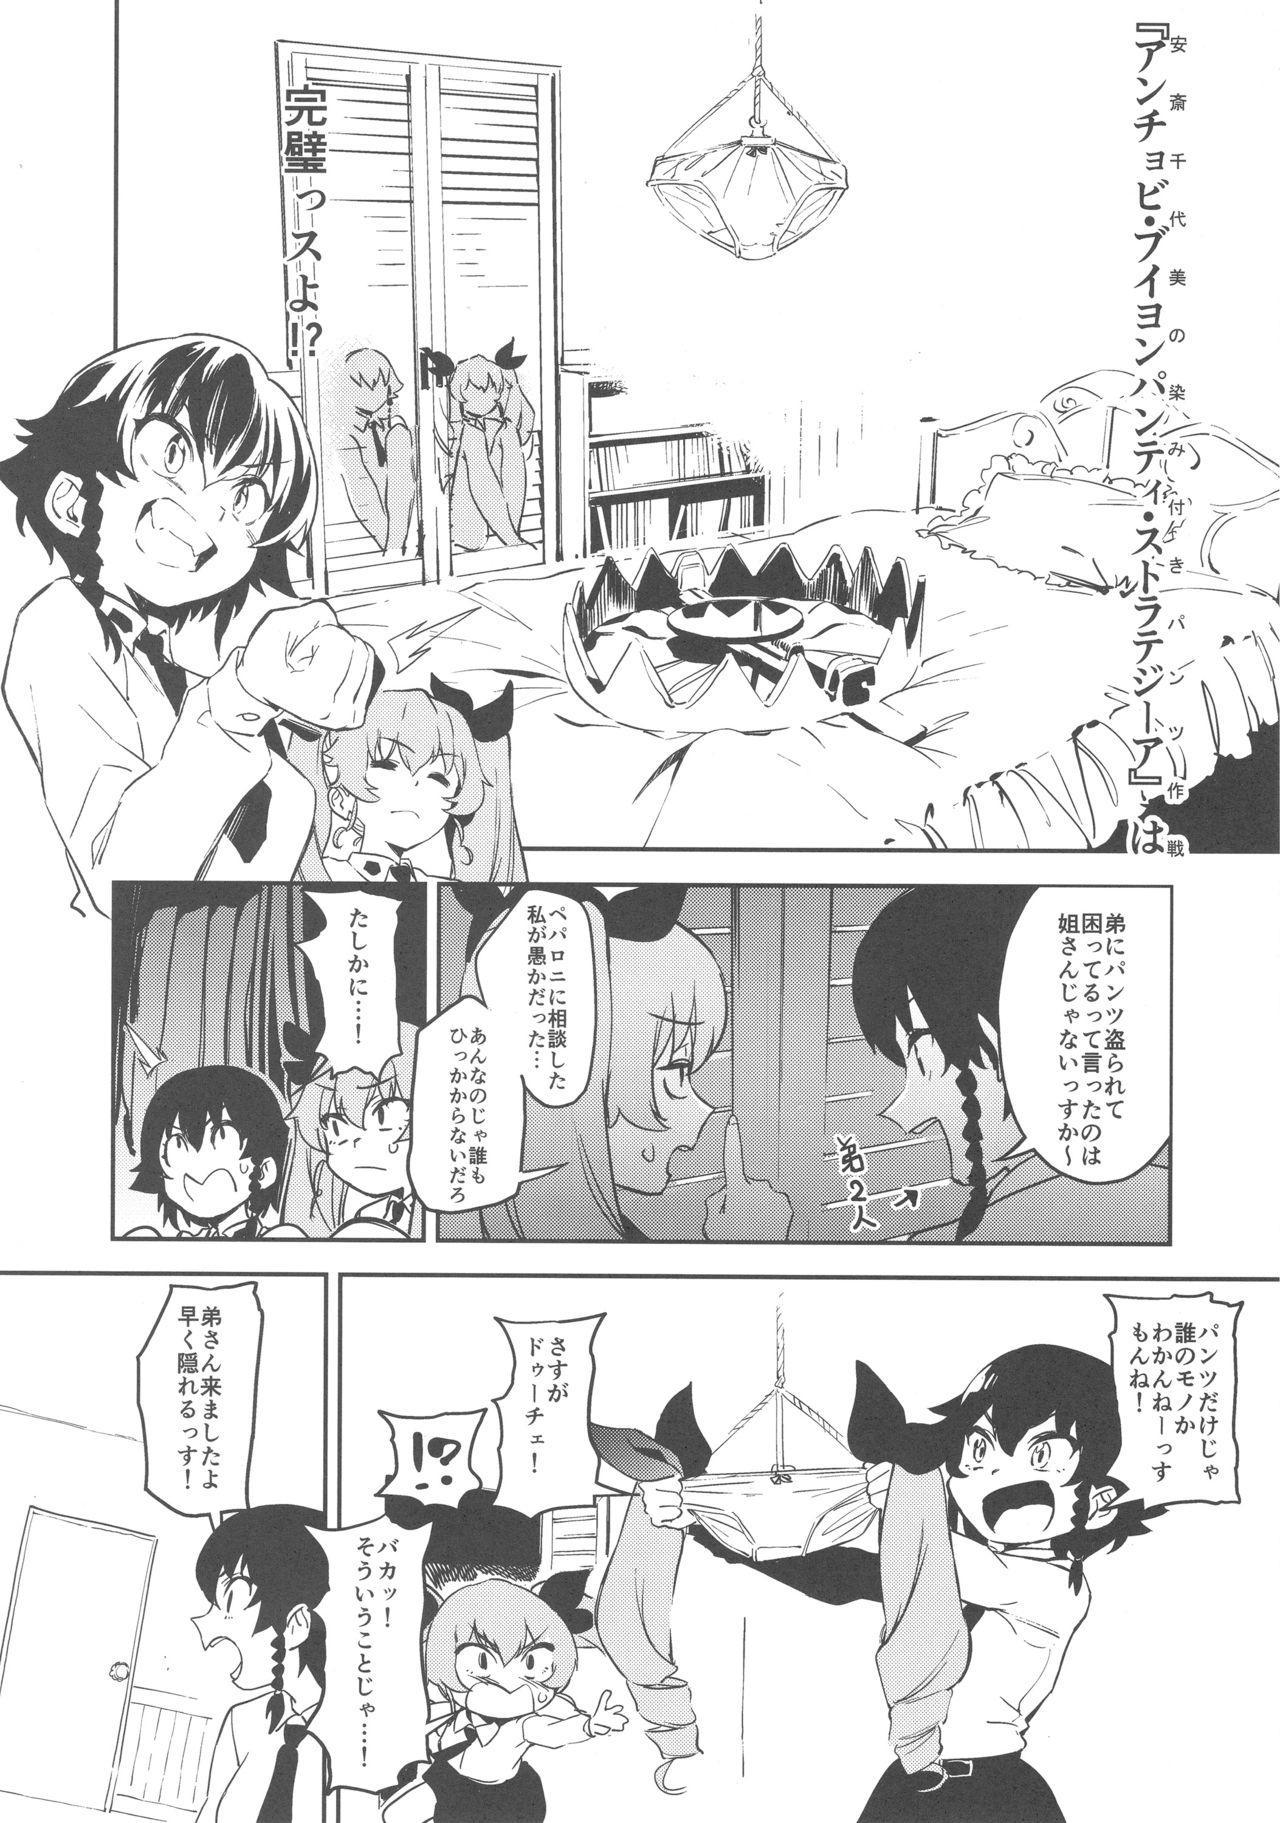 (COMIC1☆13) [Camrism (Kito Sakeru)] Anchovy Nee-san no Bouillon Panty Sakusen-ssu! (Girls und Panzer) 4